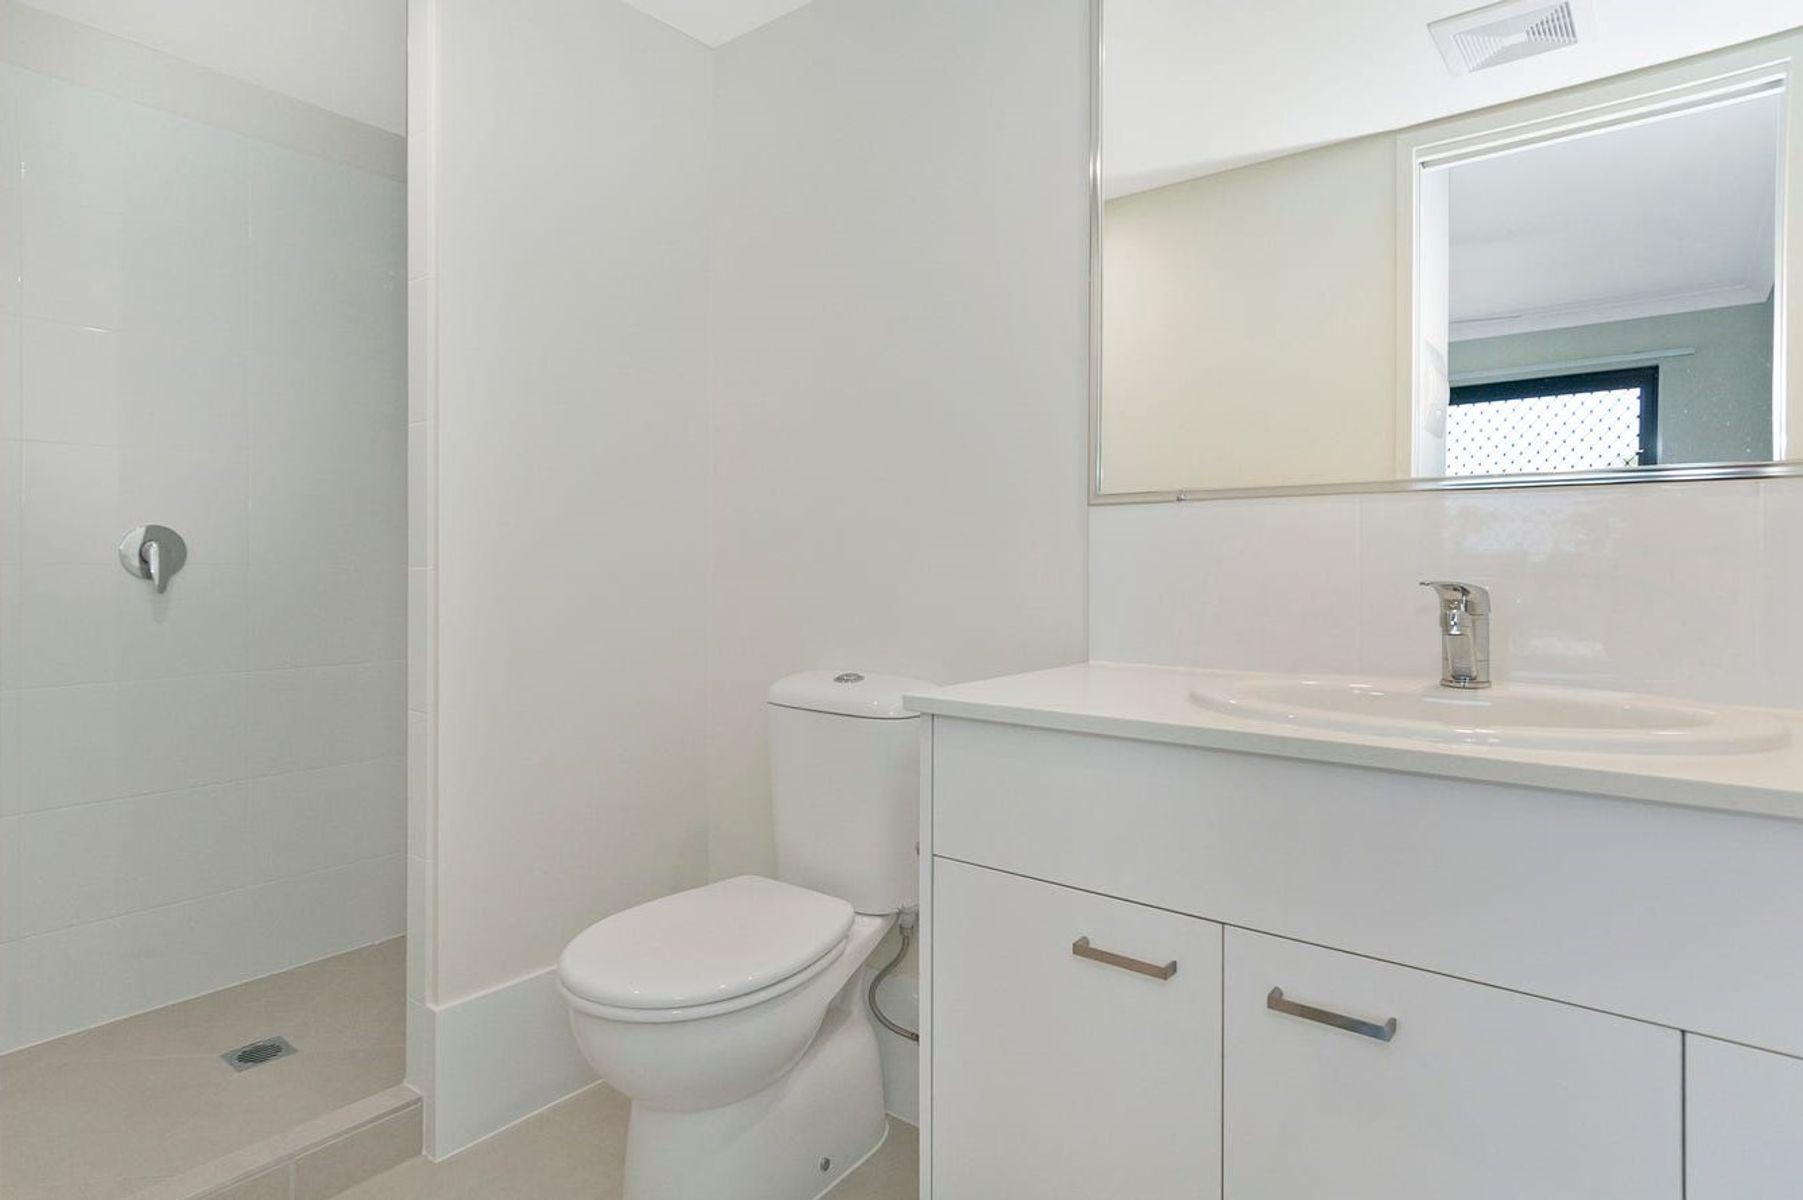 2/4-6 Gona Street, Beenleigh, QLD 4207